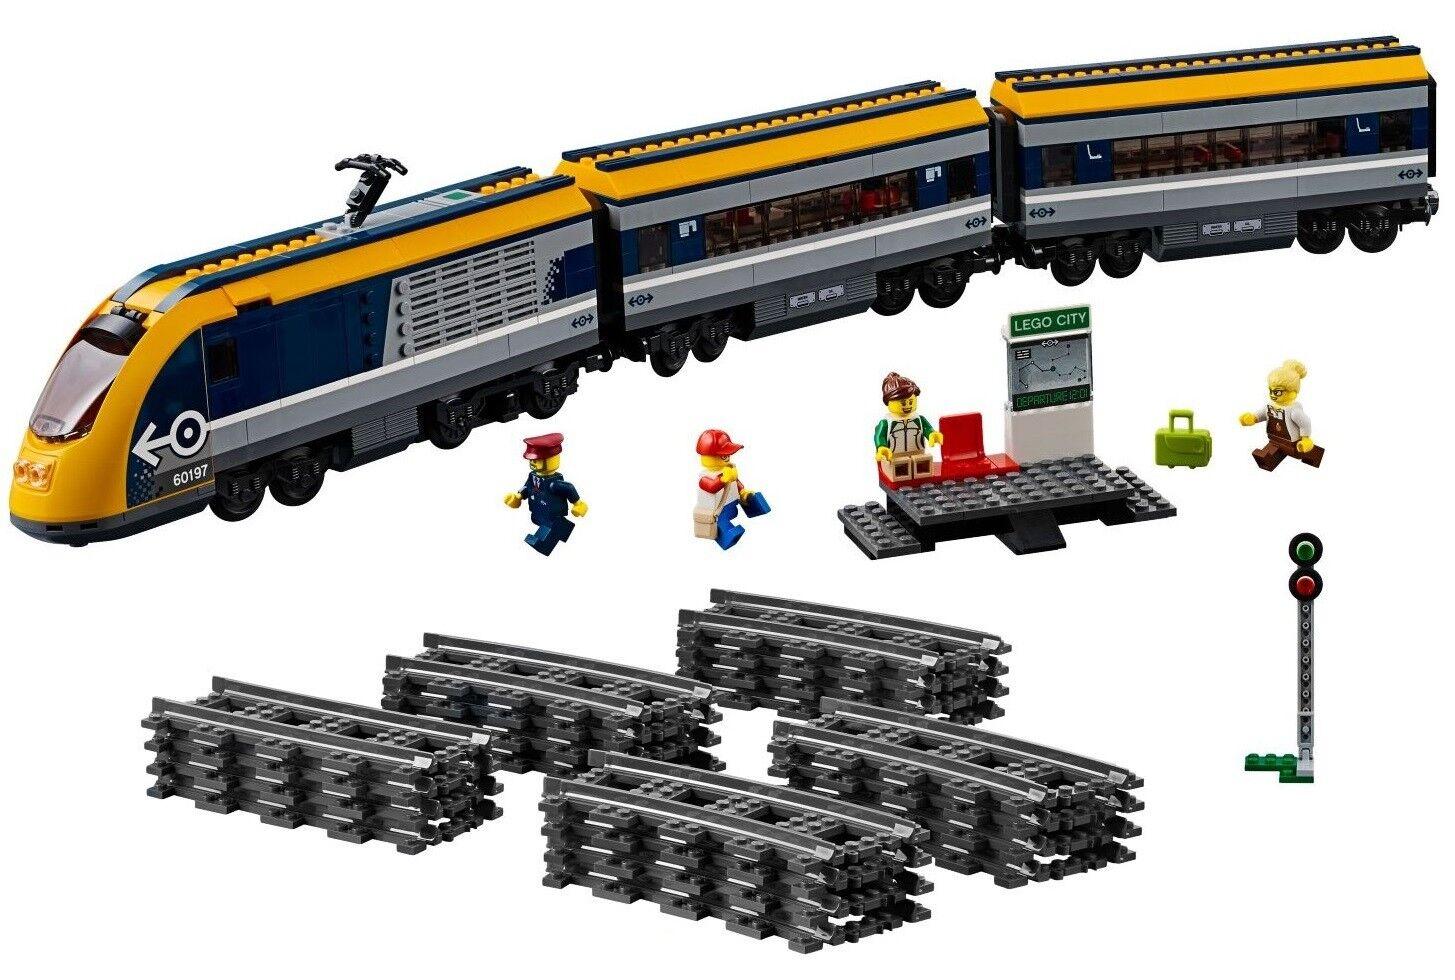 LEGO City Eisenbahn 60197 erweitern Sie Ihren Zug mit